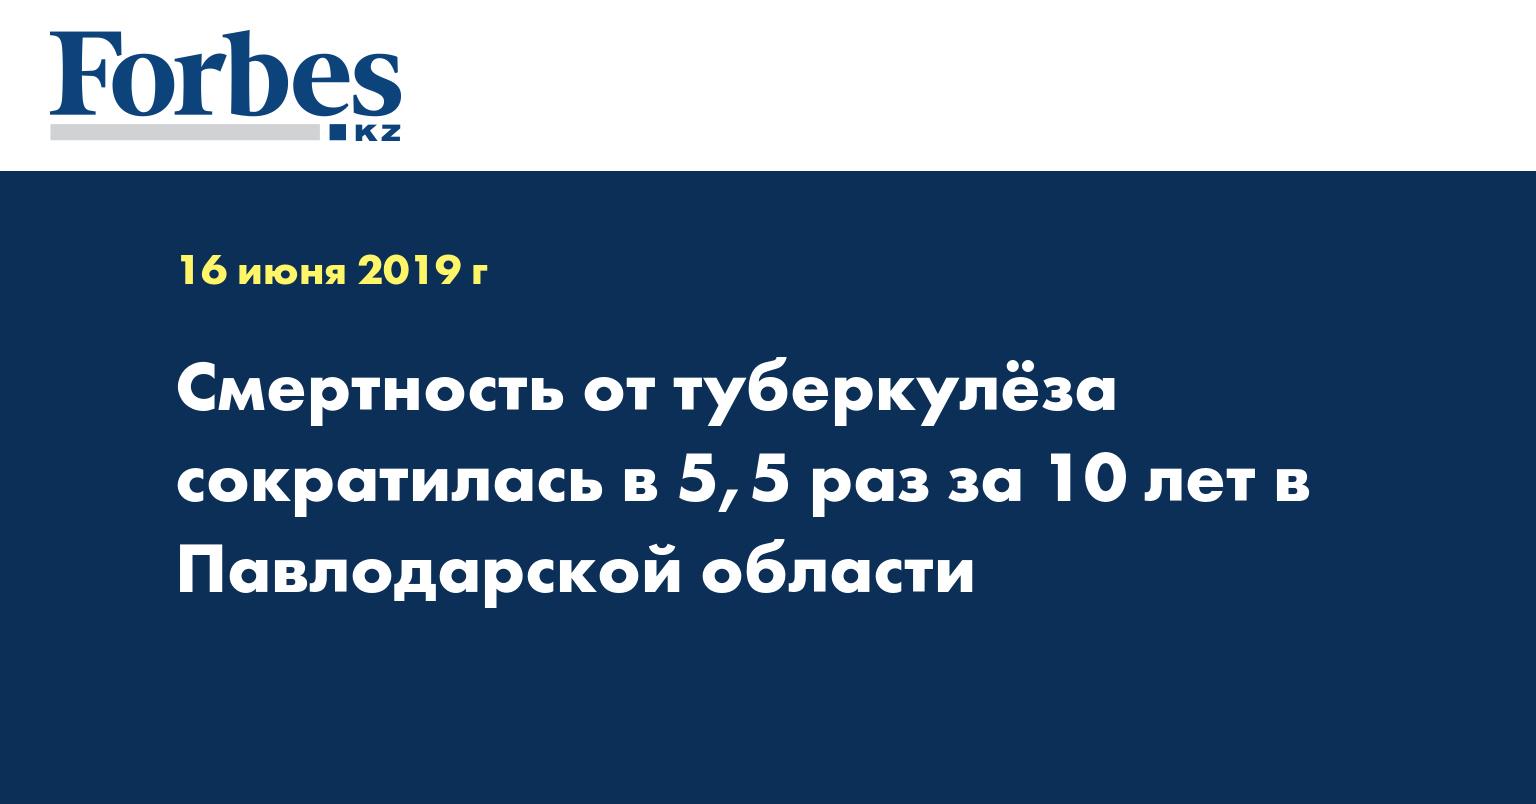 Смертность от туберкулёза сократилась в 5,5 раз за 10 лет в Павлодарской области